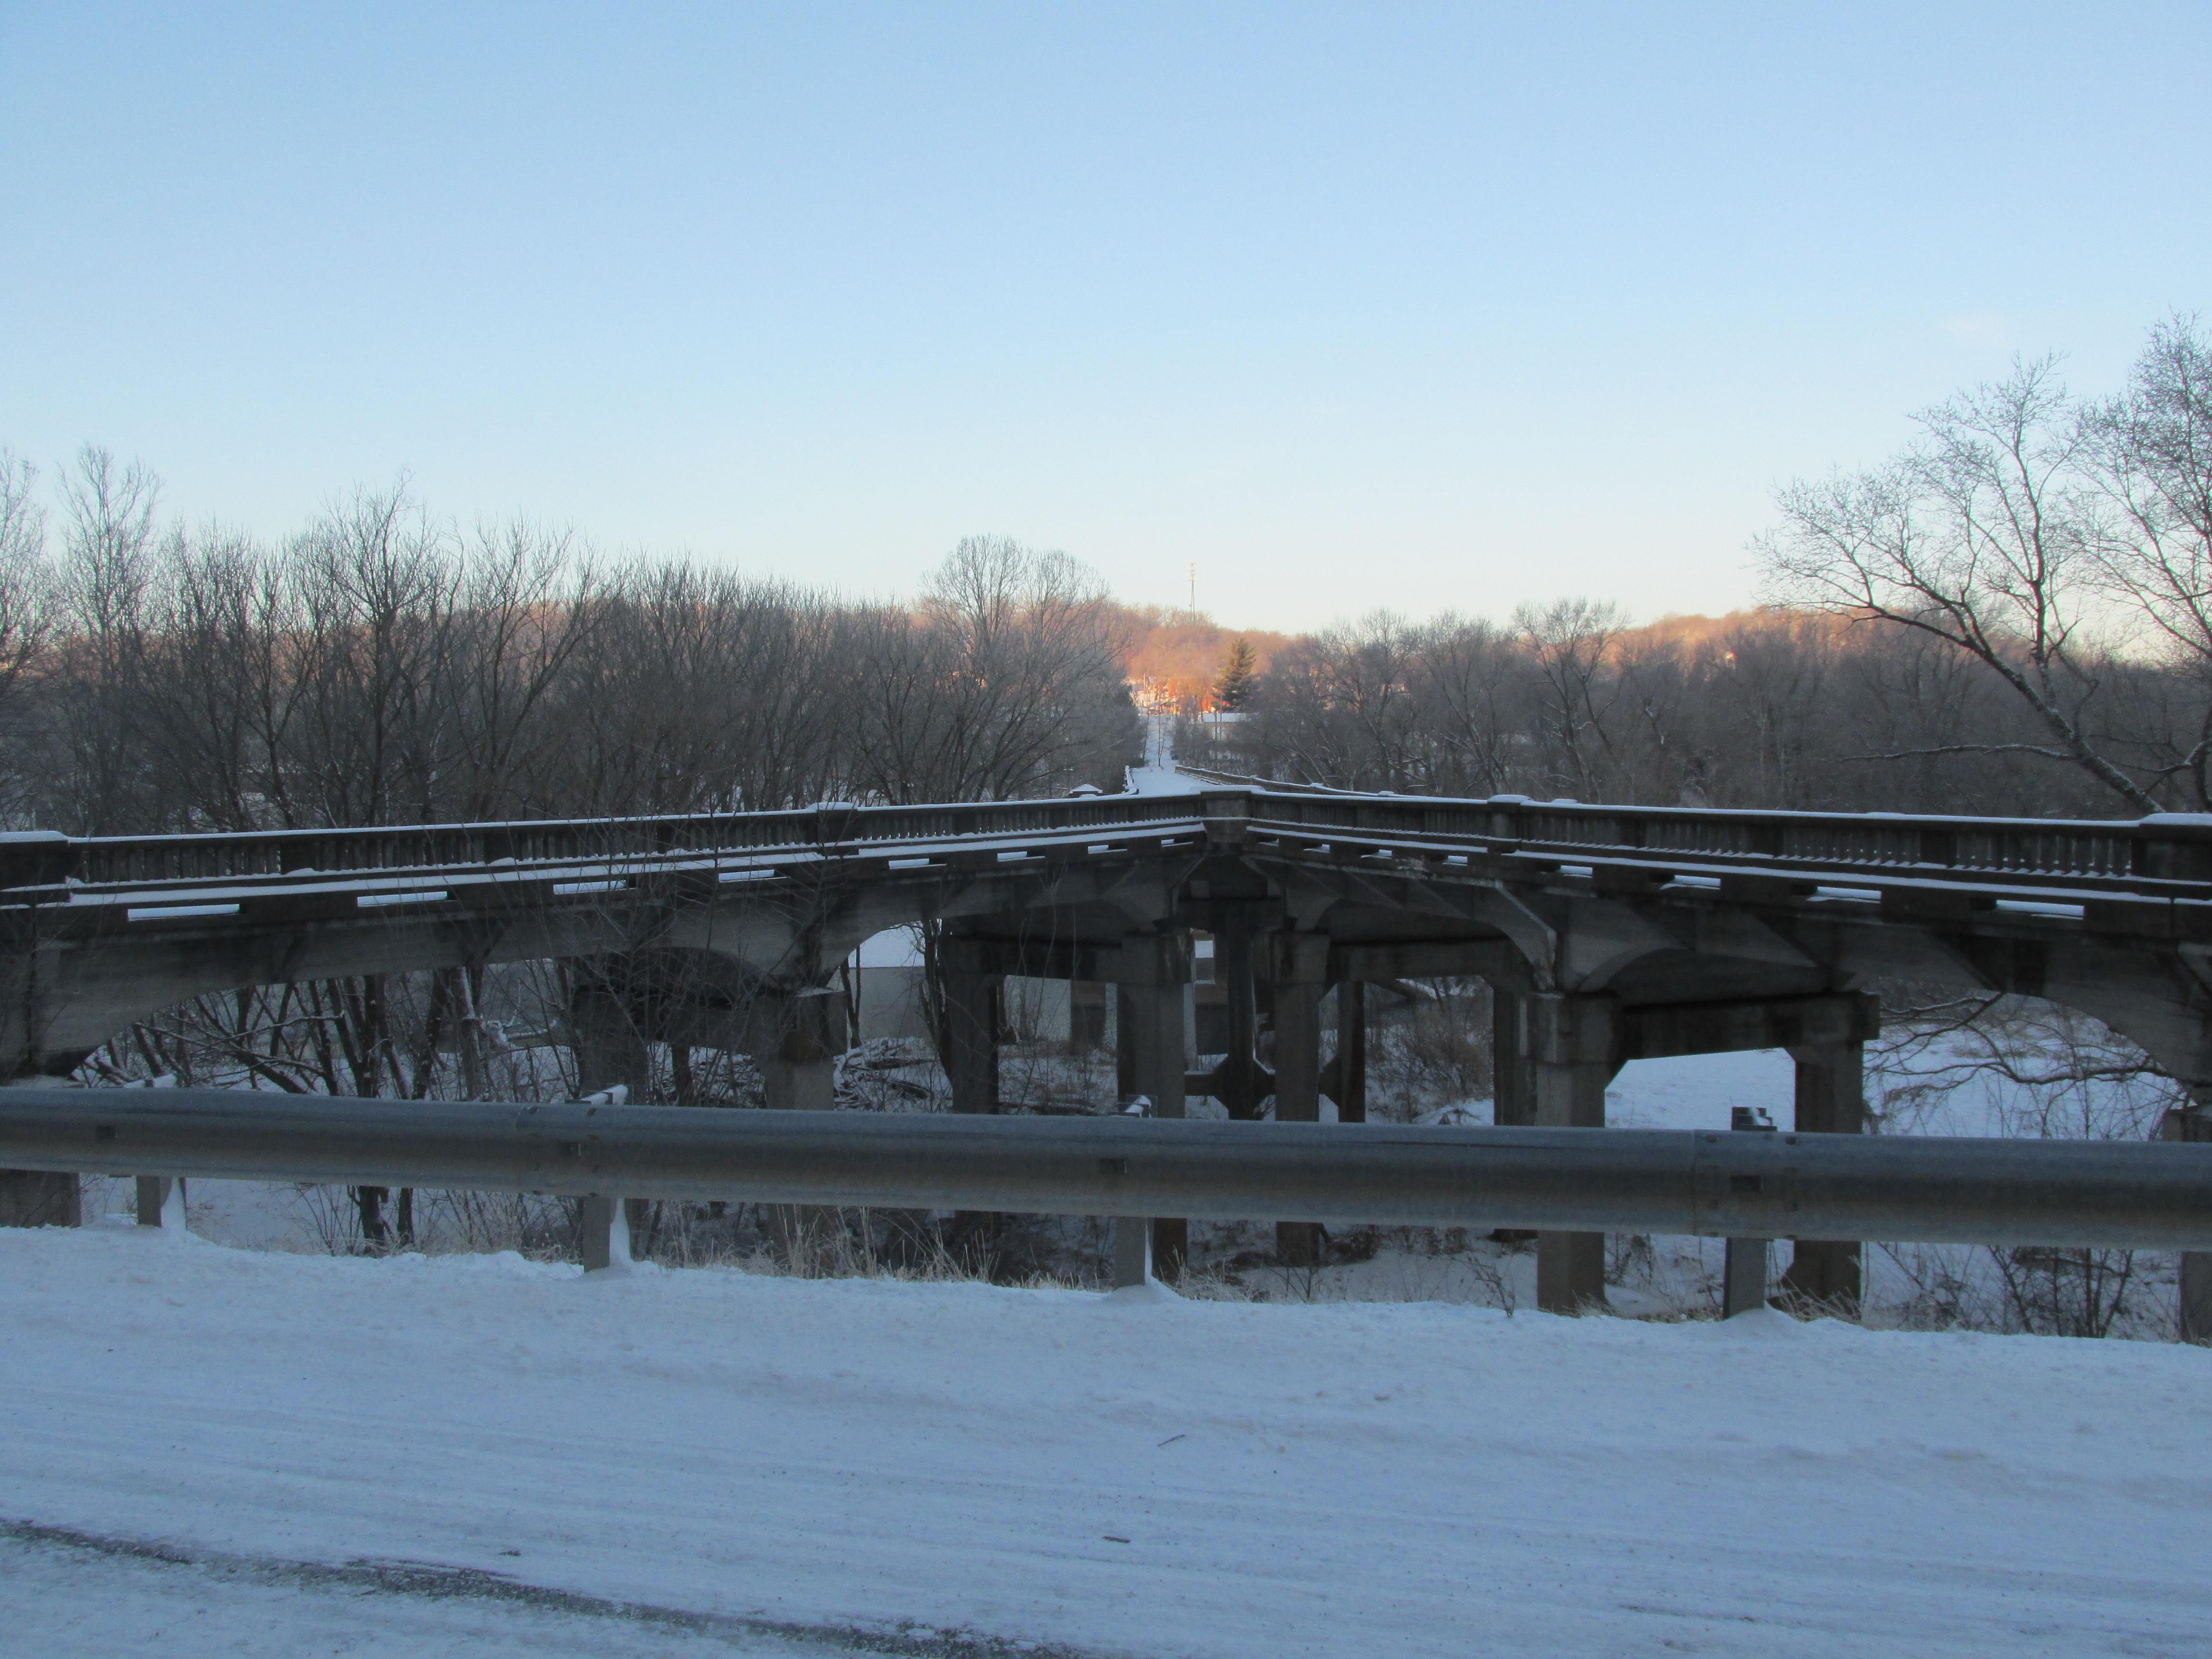 Winter Y-Bridge